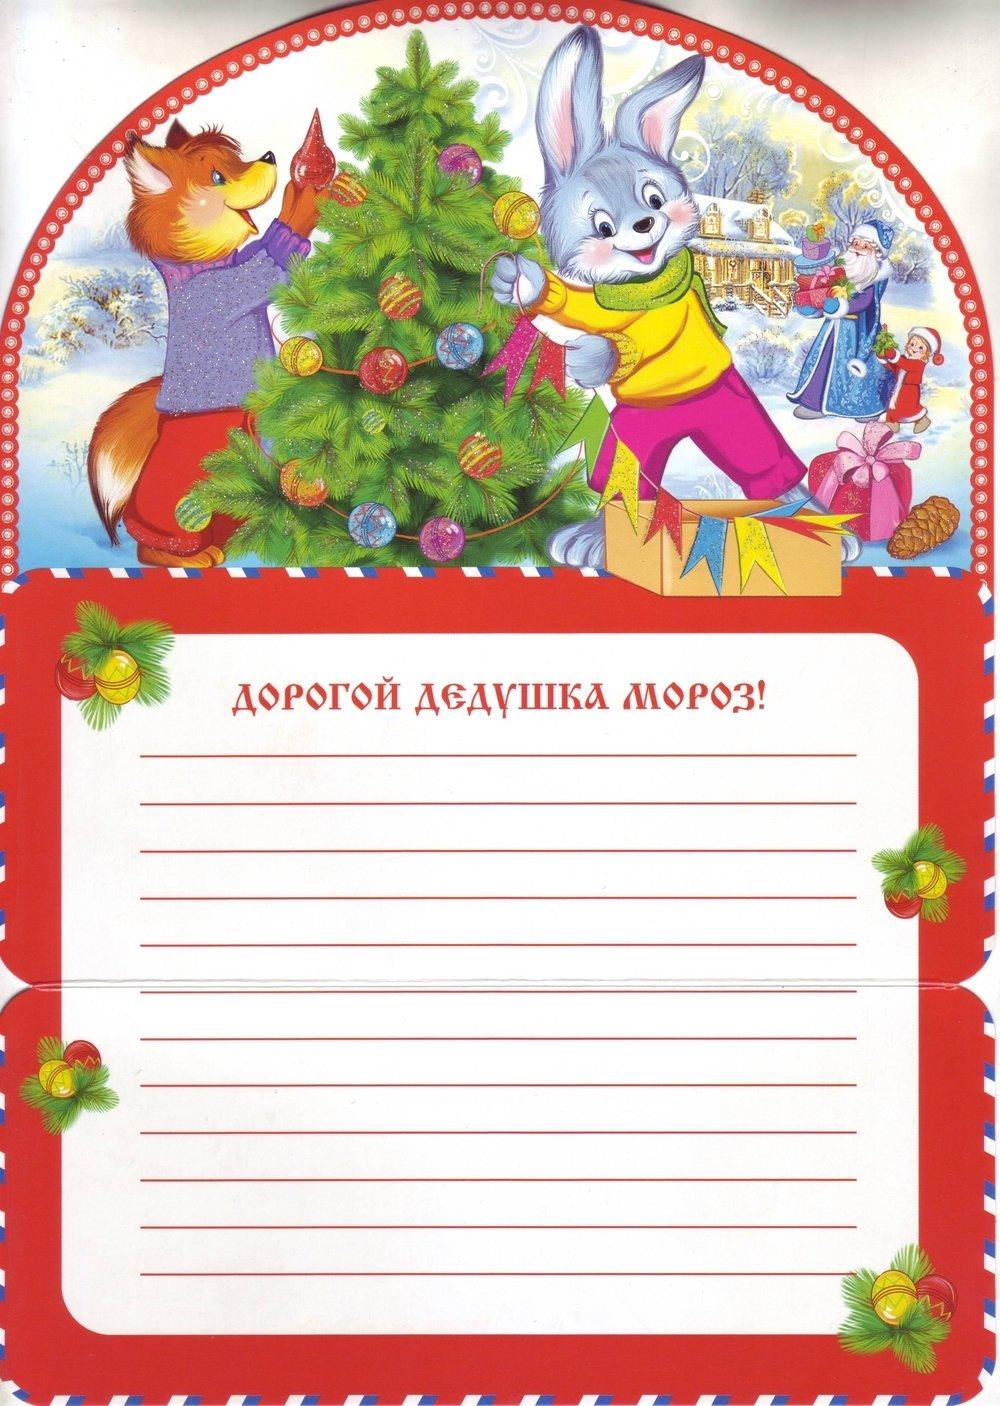 Открытка для письма дедушке морозу